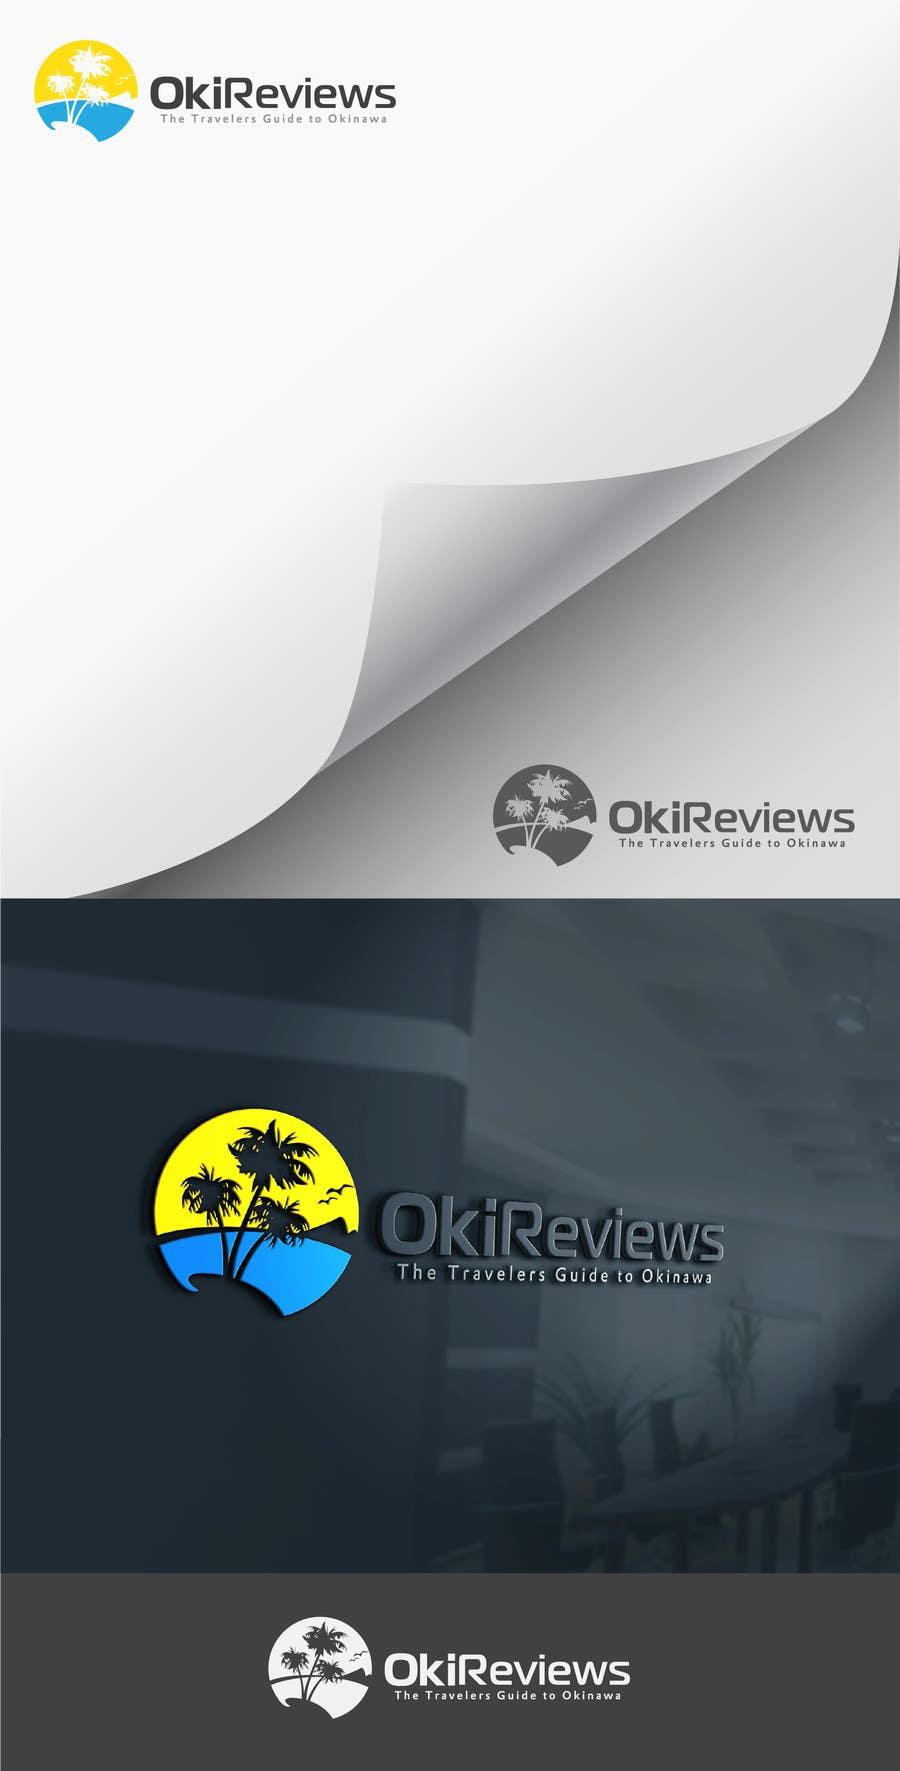 Inscrição nº 81 do Concurso para Design a Logo for a Travel Review Site